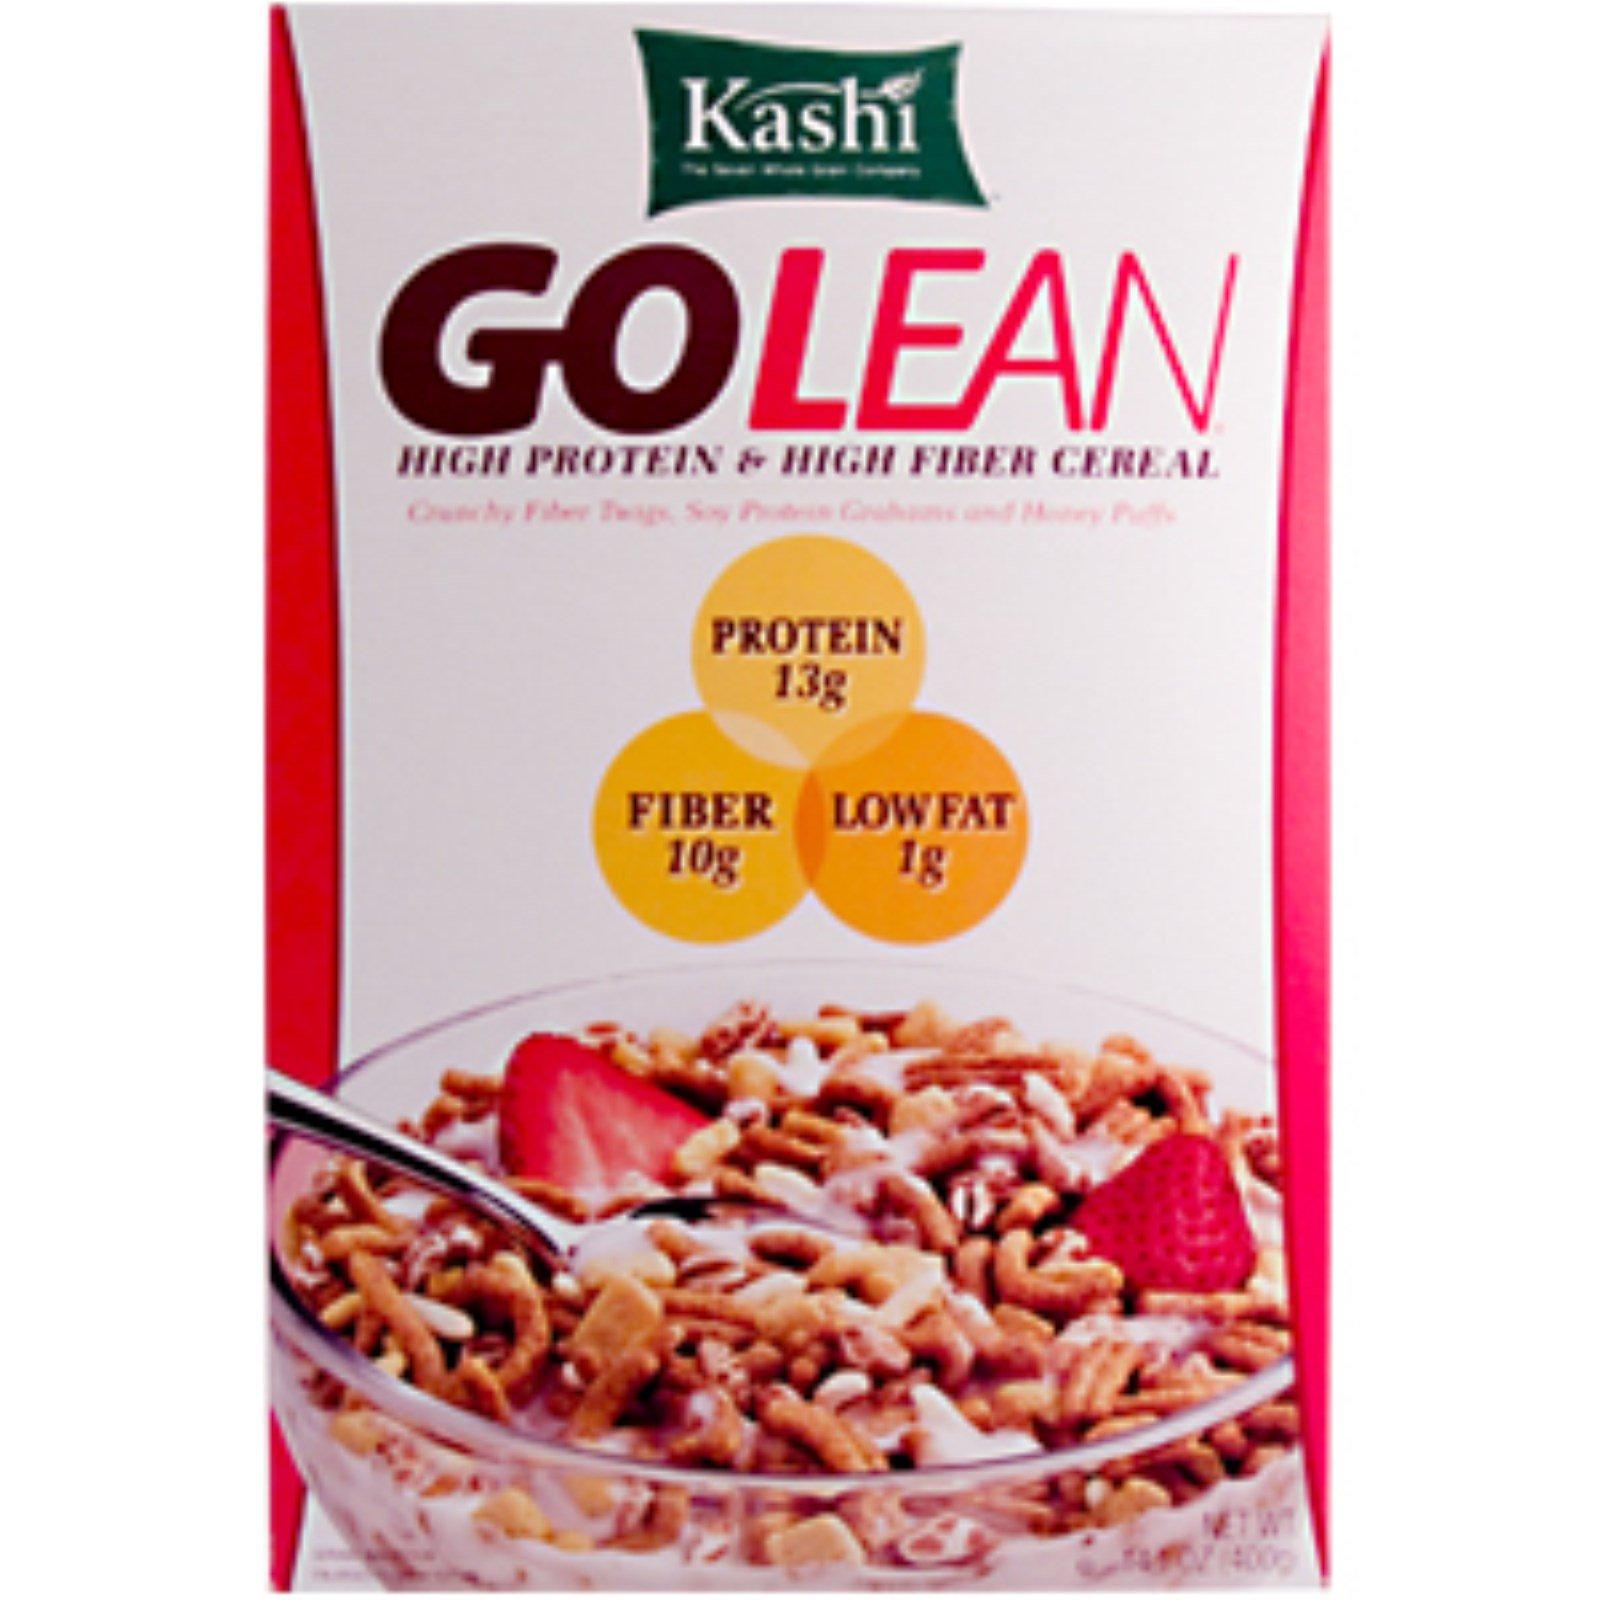 Kashi, GoLean, High Protein & High Fiber Cereal, 14.1 Oz